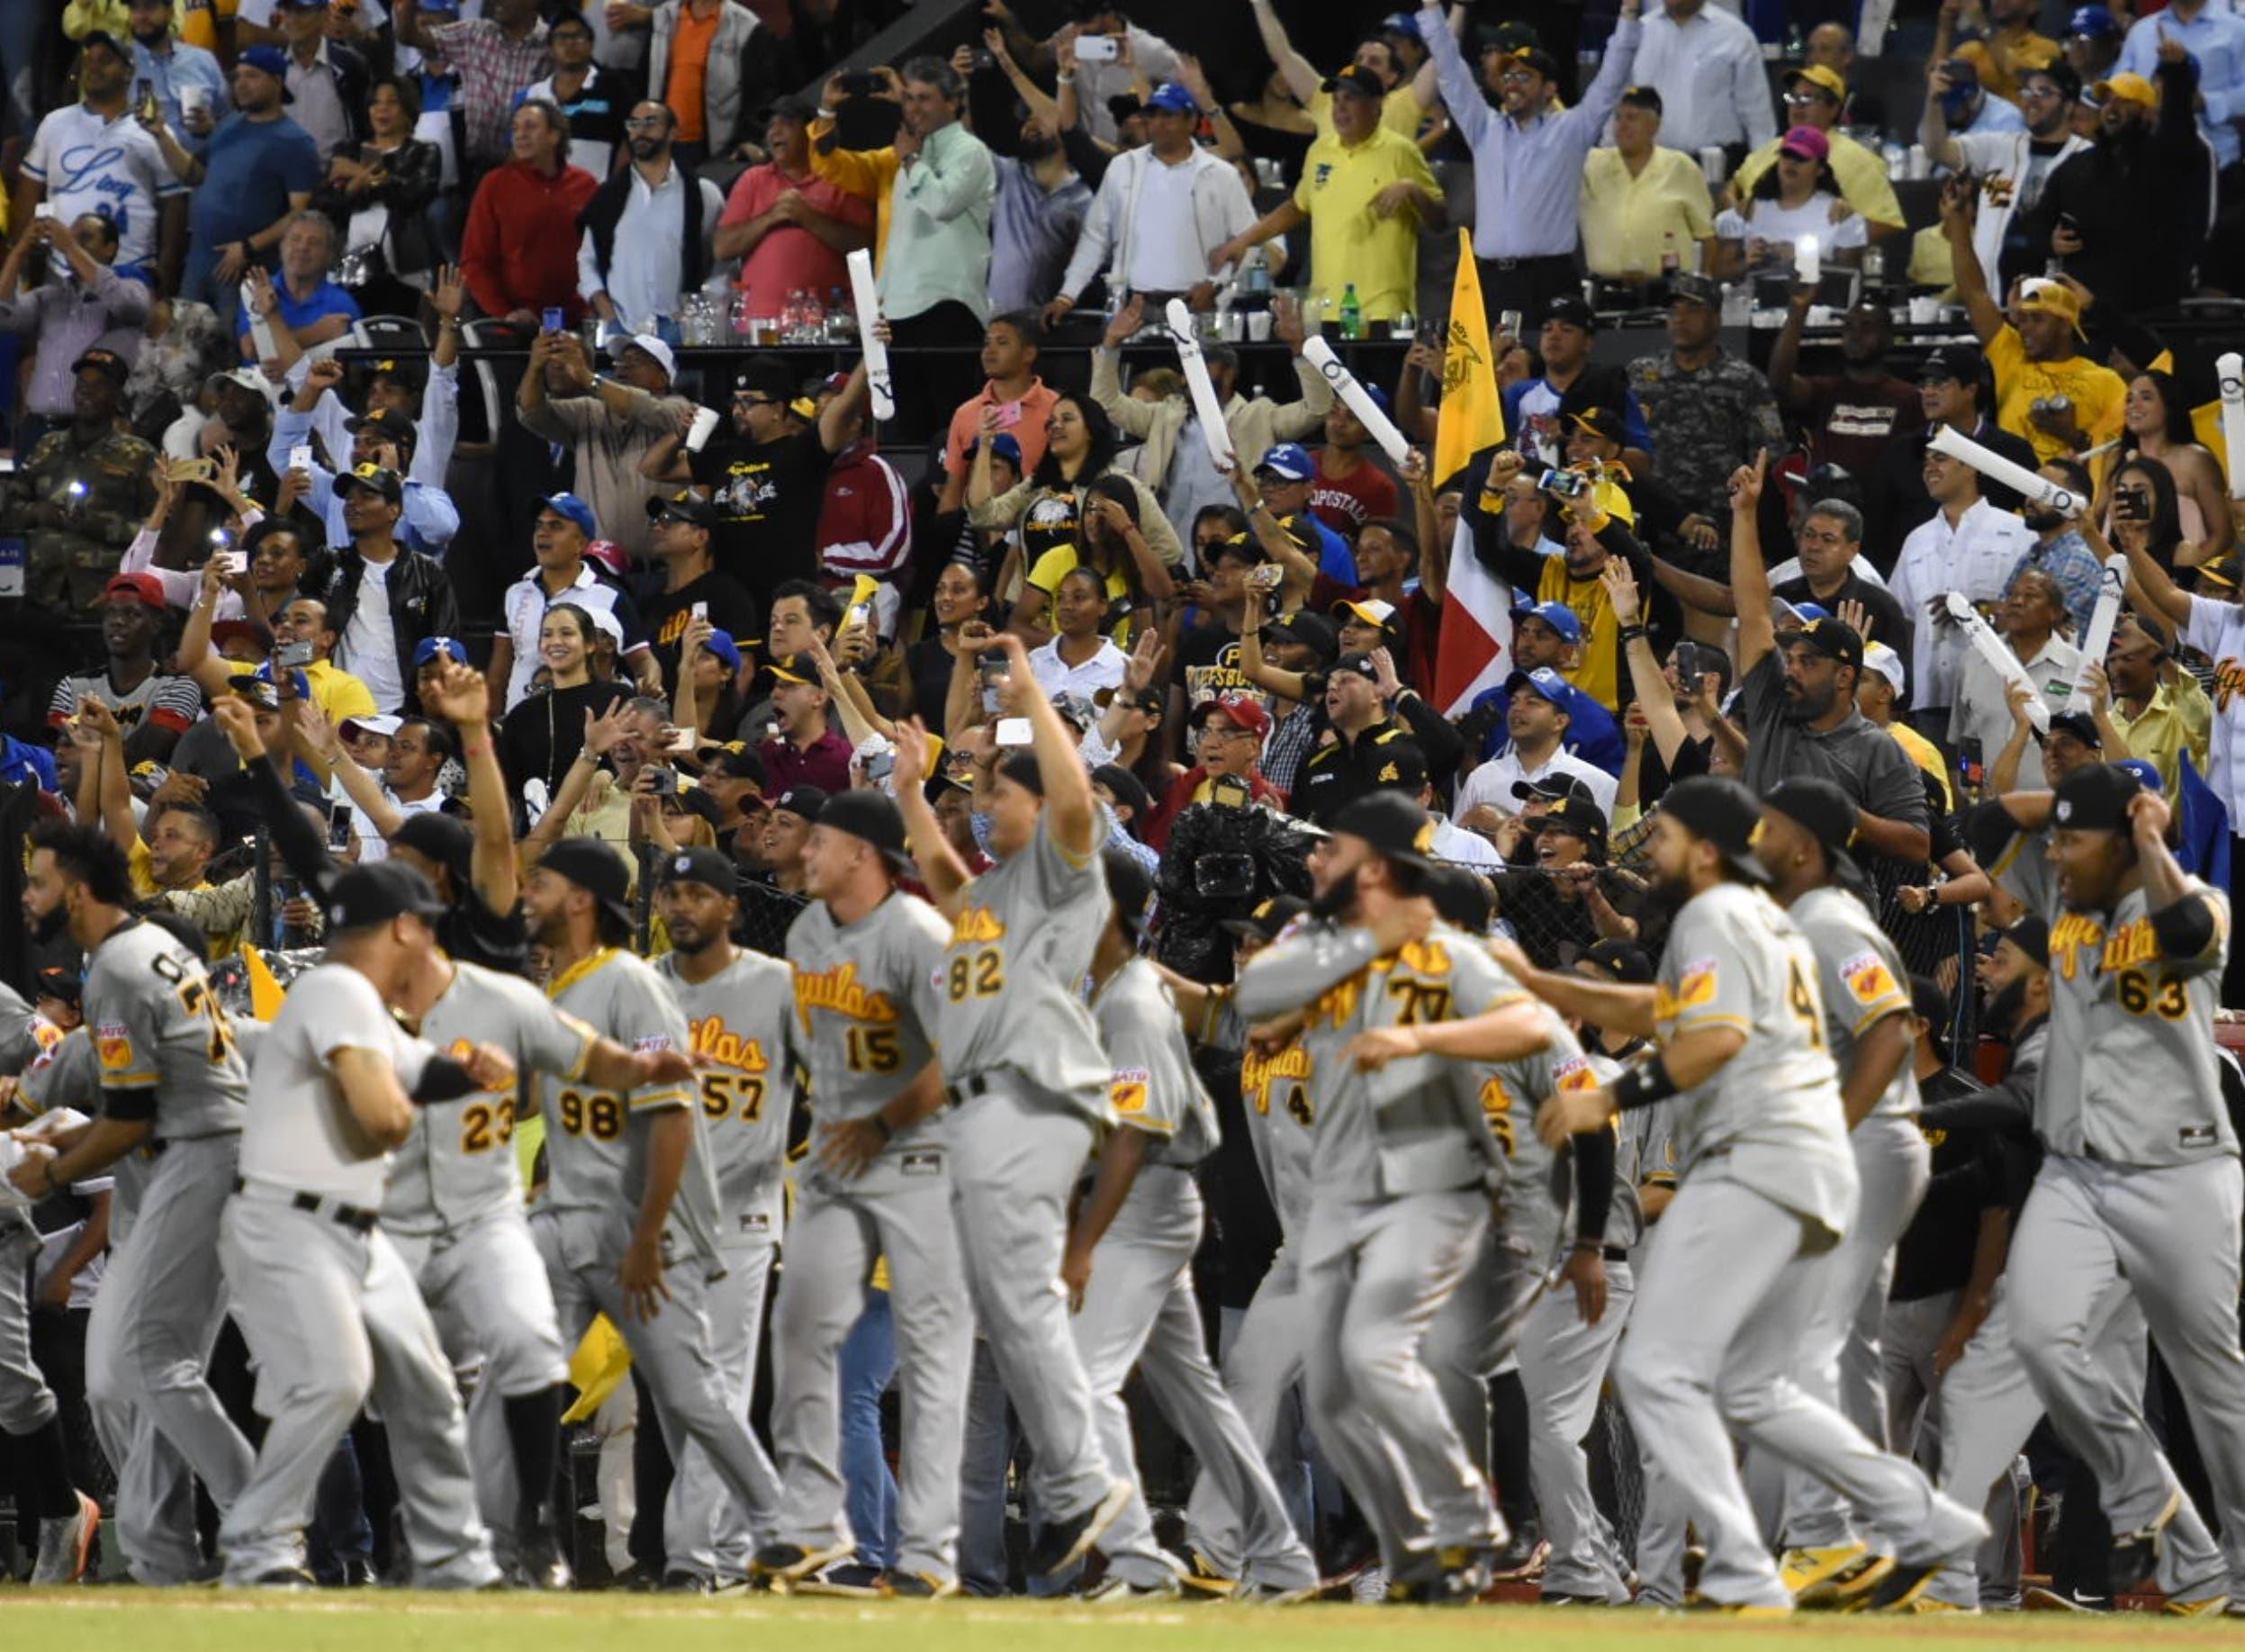 Jugadores de las Águilas Cibaeñas celebran con algarabía después de coronarse campeón ayer del torneo de béisbol invernal con su  triunfo frente al Licey.  Alberto Calvo